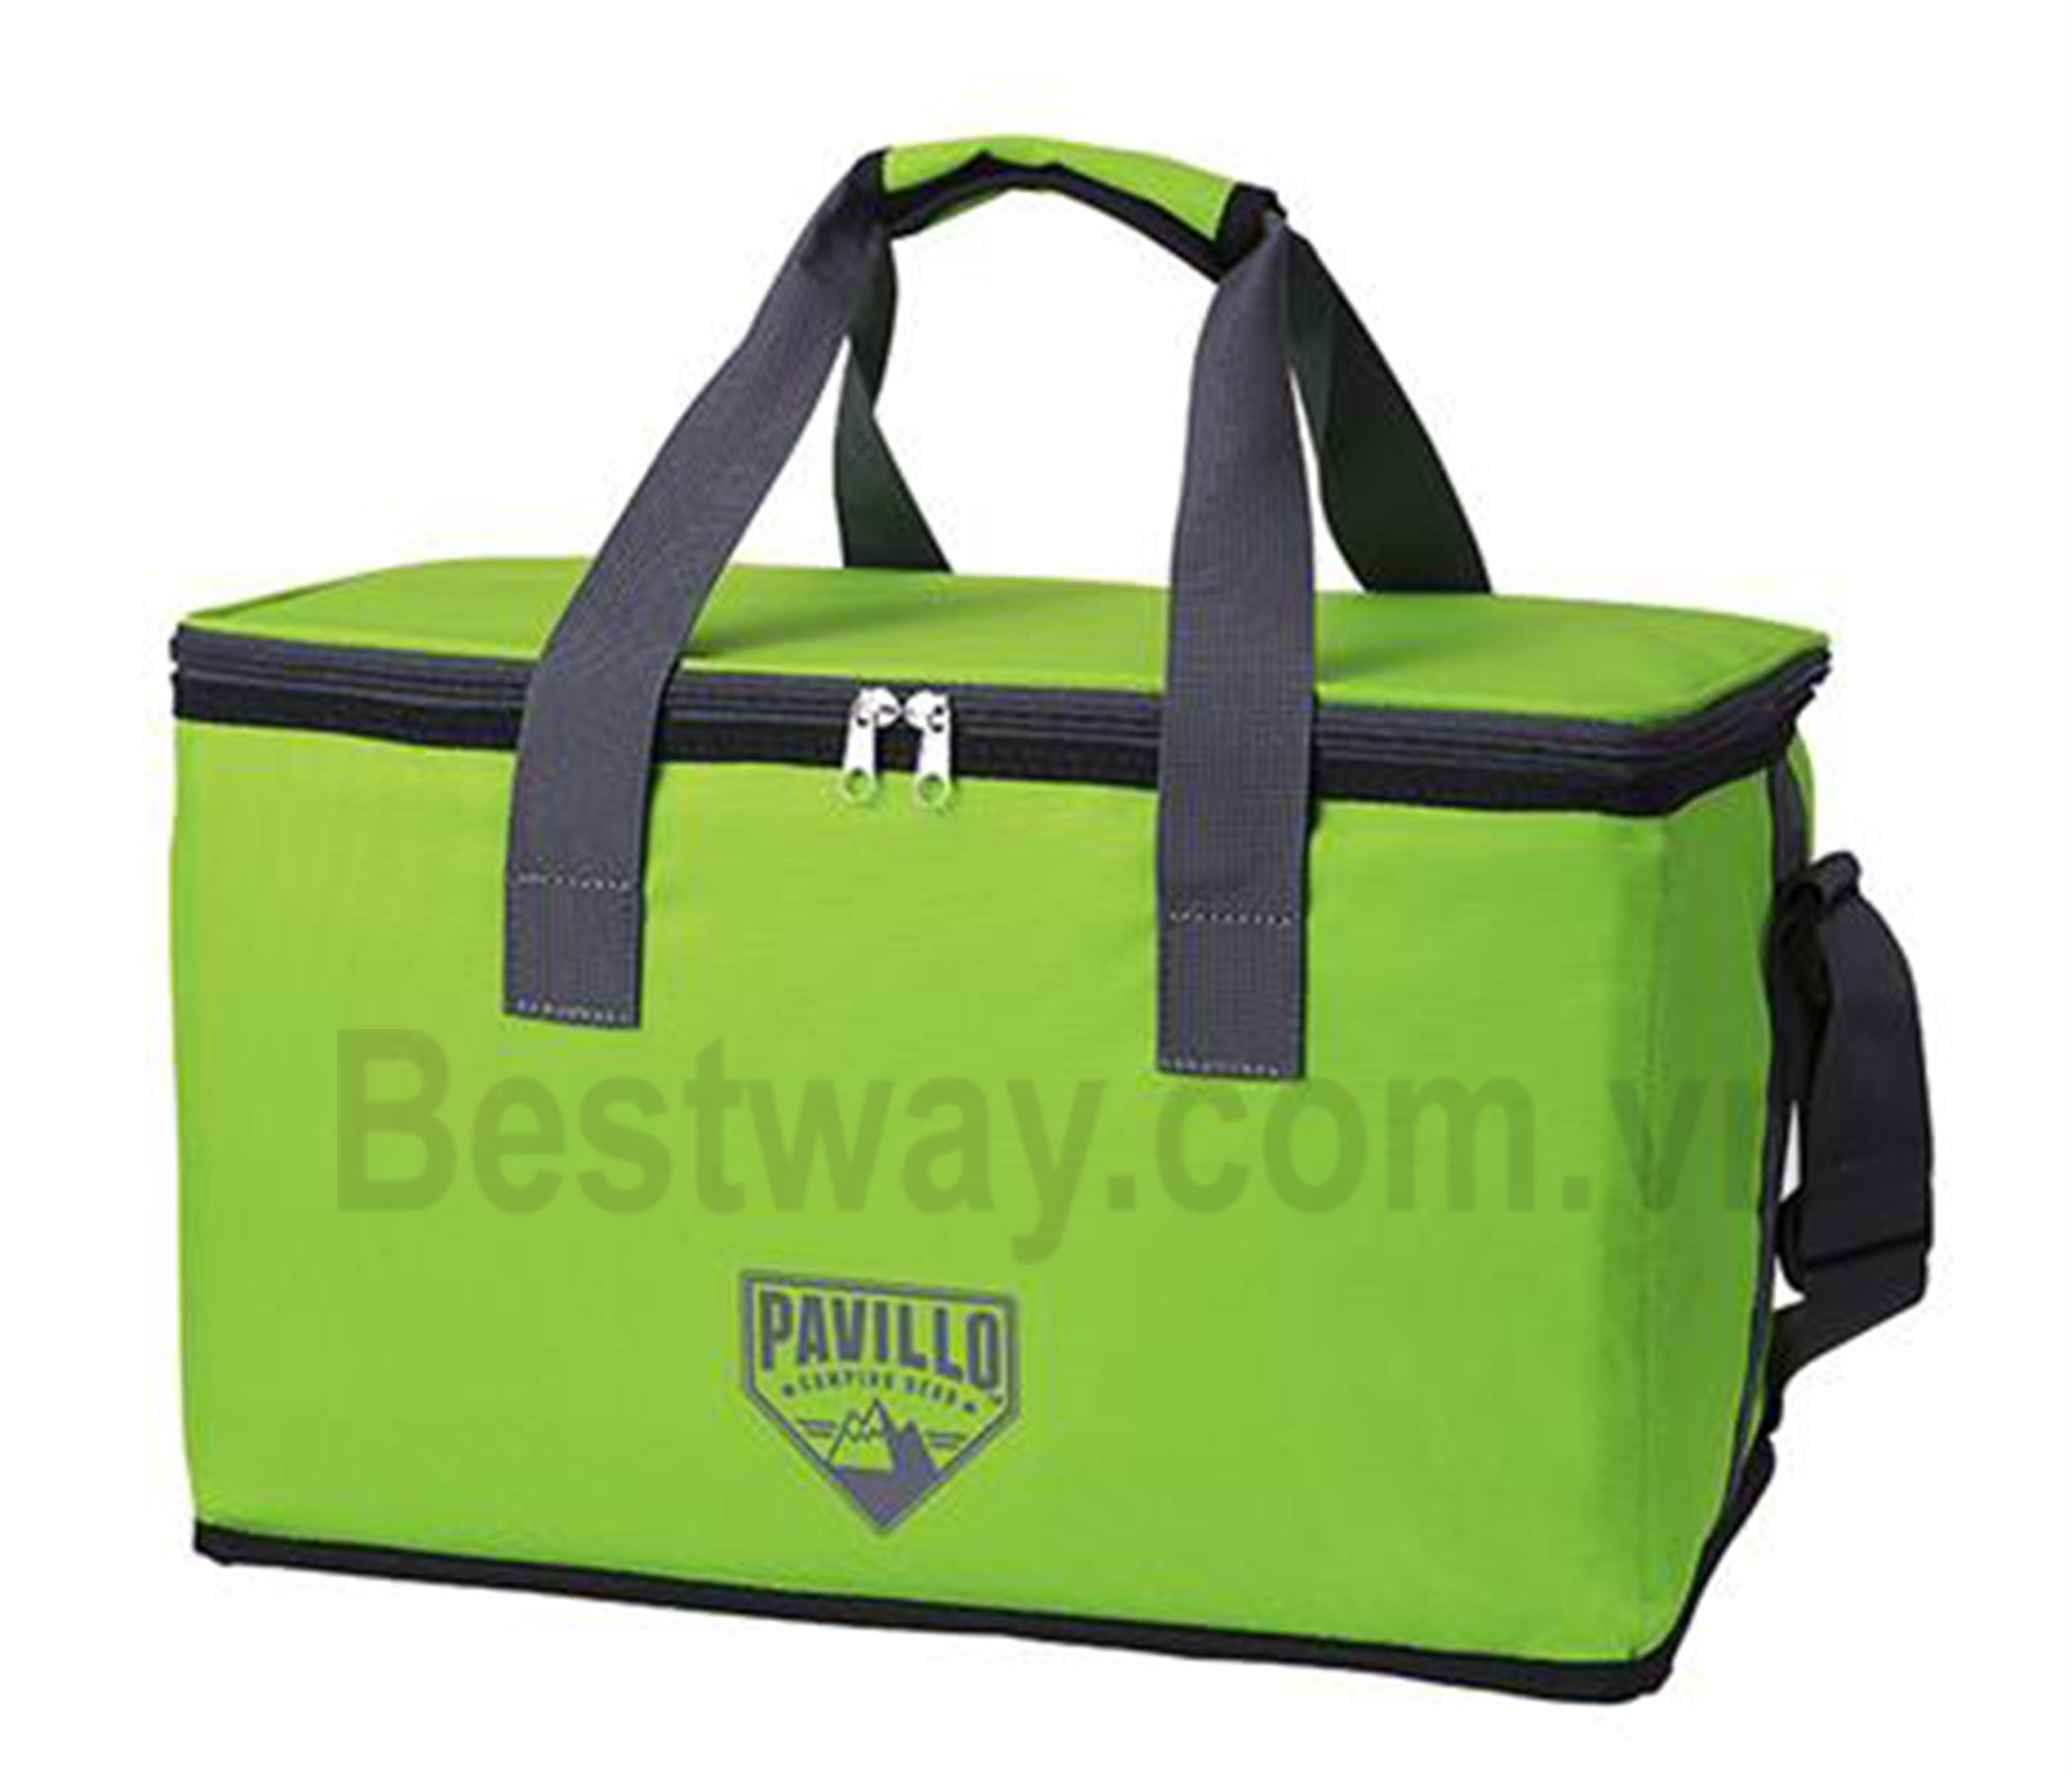 Túi đựng đồ dã ngoại Bestway 68037